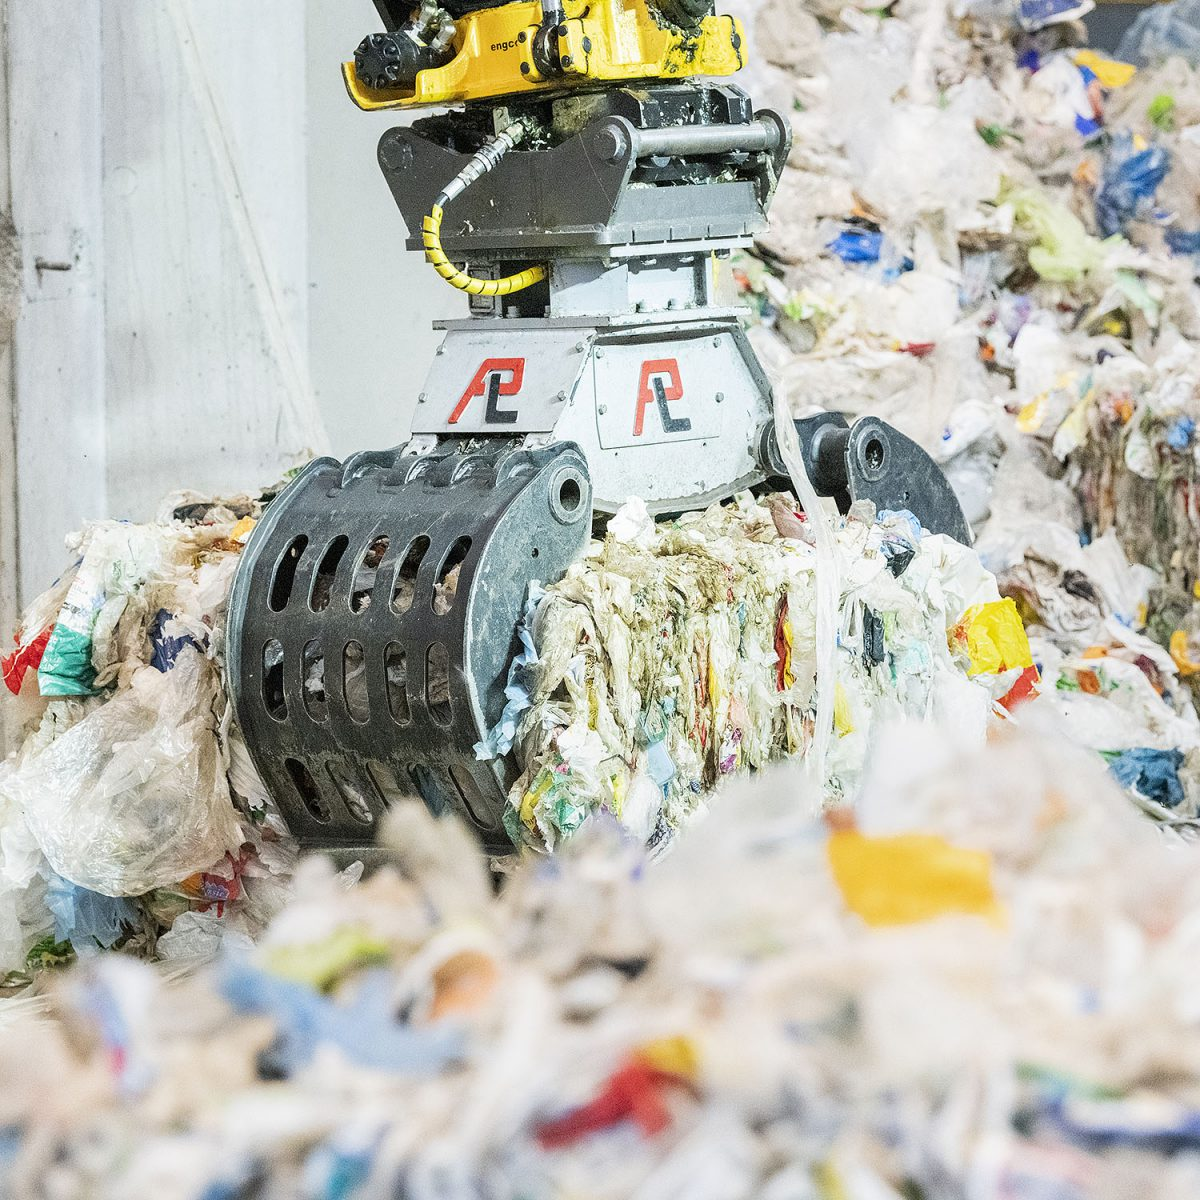 Nolla tonnia jätettä – miten siihen päästään? Kiertotalous tavoittelee jätteen muutosta raaka-aineeksi